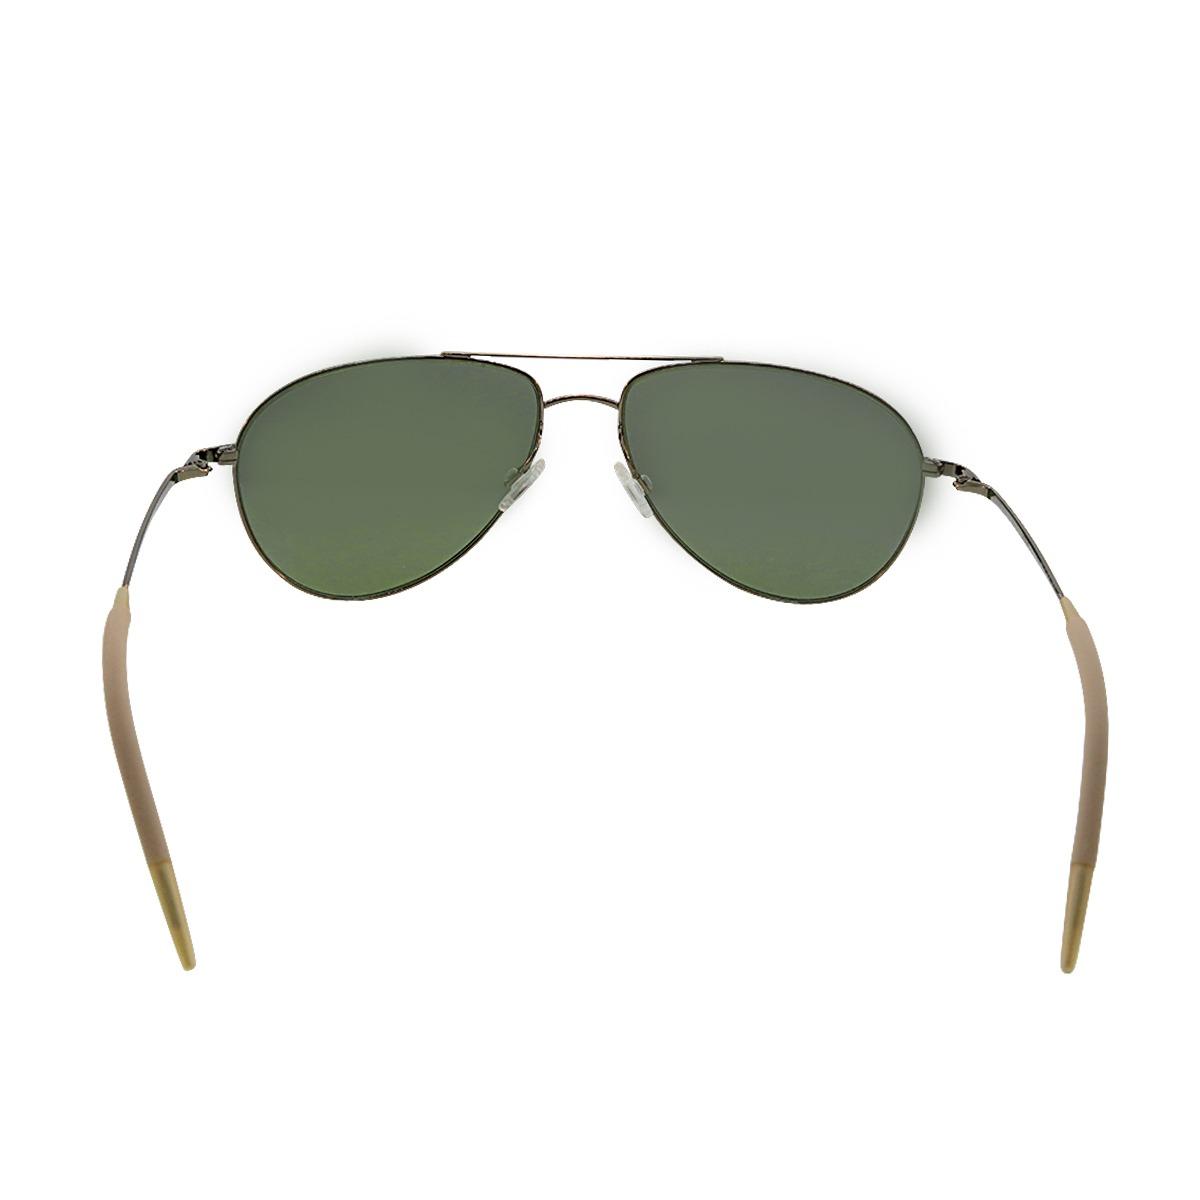 2c7361c709f Description. New Authentic Oliver Peoples OV1002 S 503957 Benedict Antique  Gold Jade Sunglasses